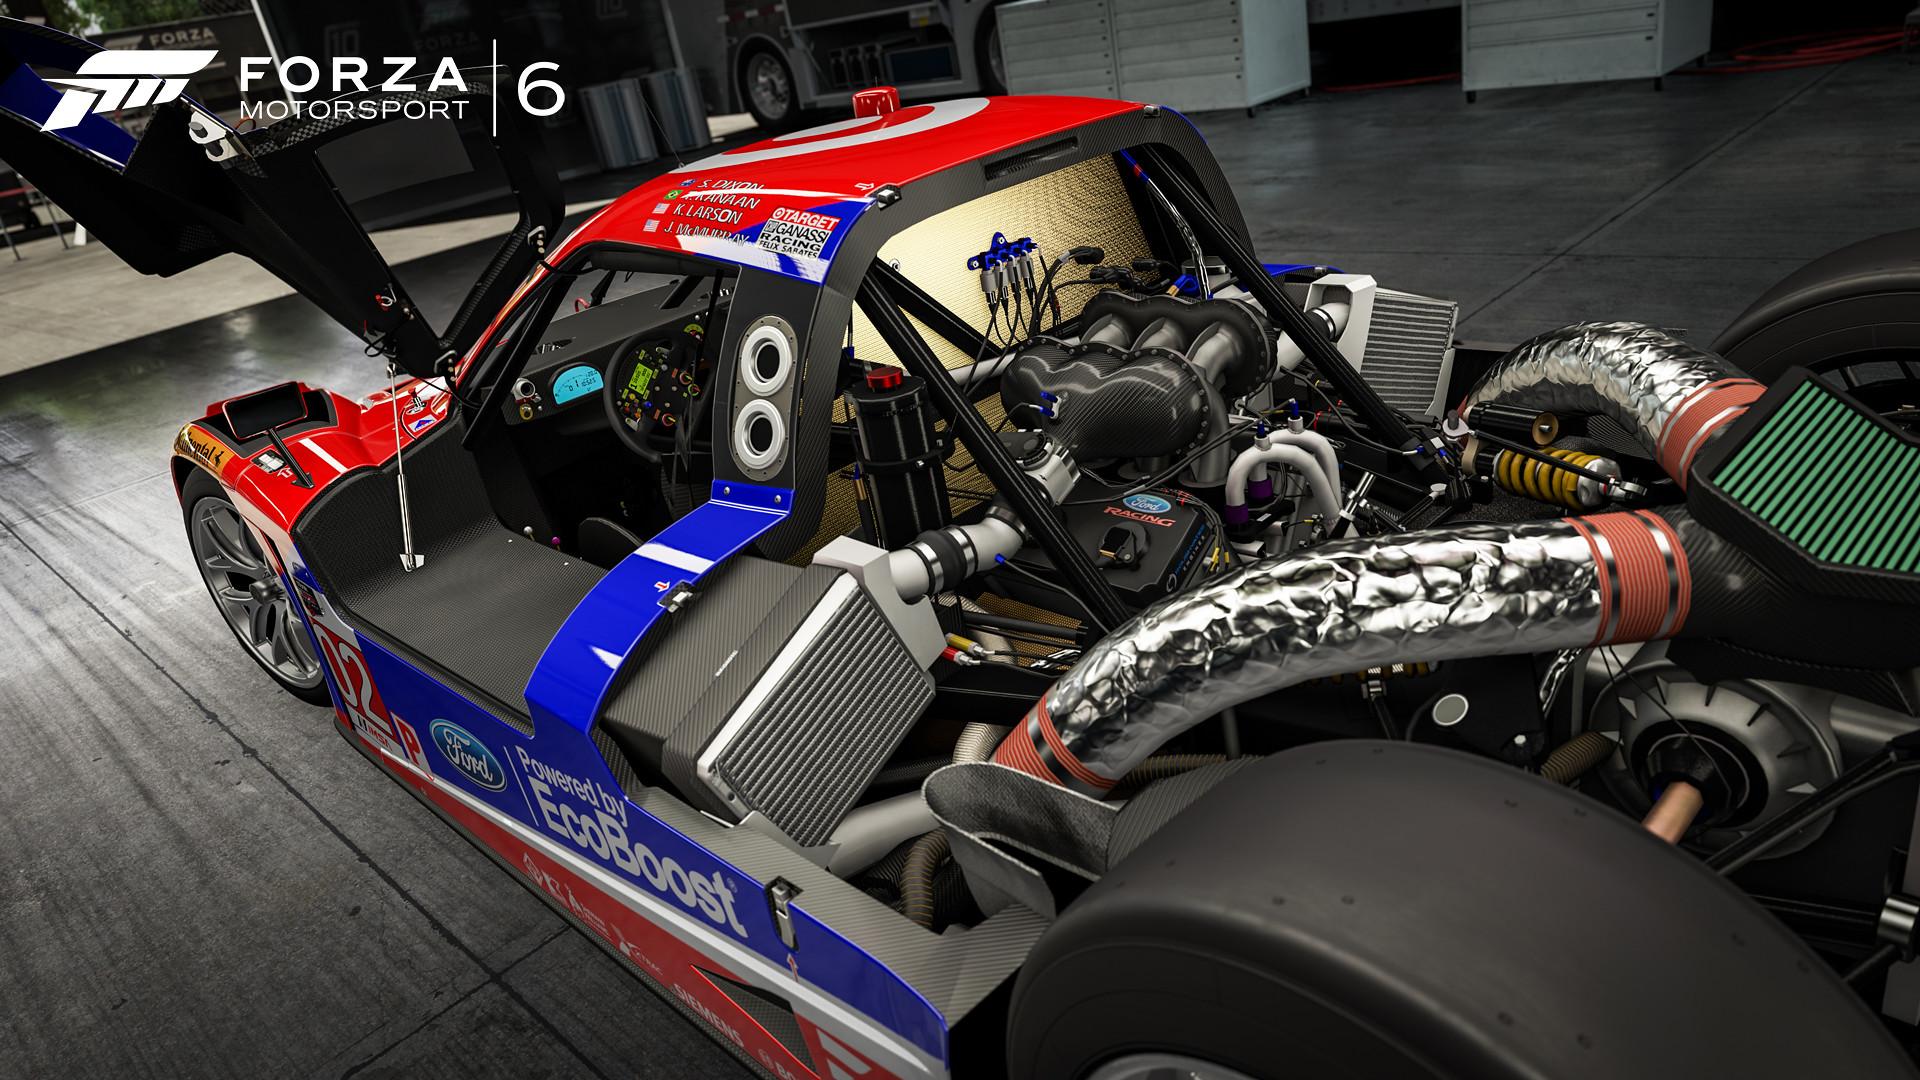 FebDLC_FOR_02_RileyDP_15_Forza6_WM